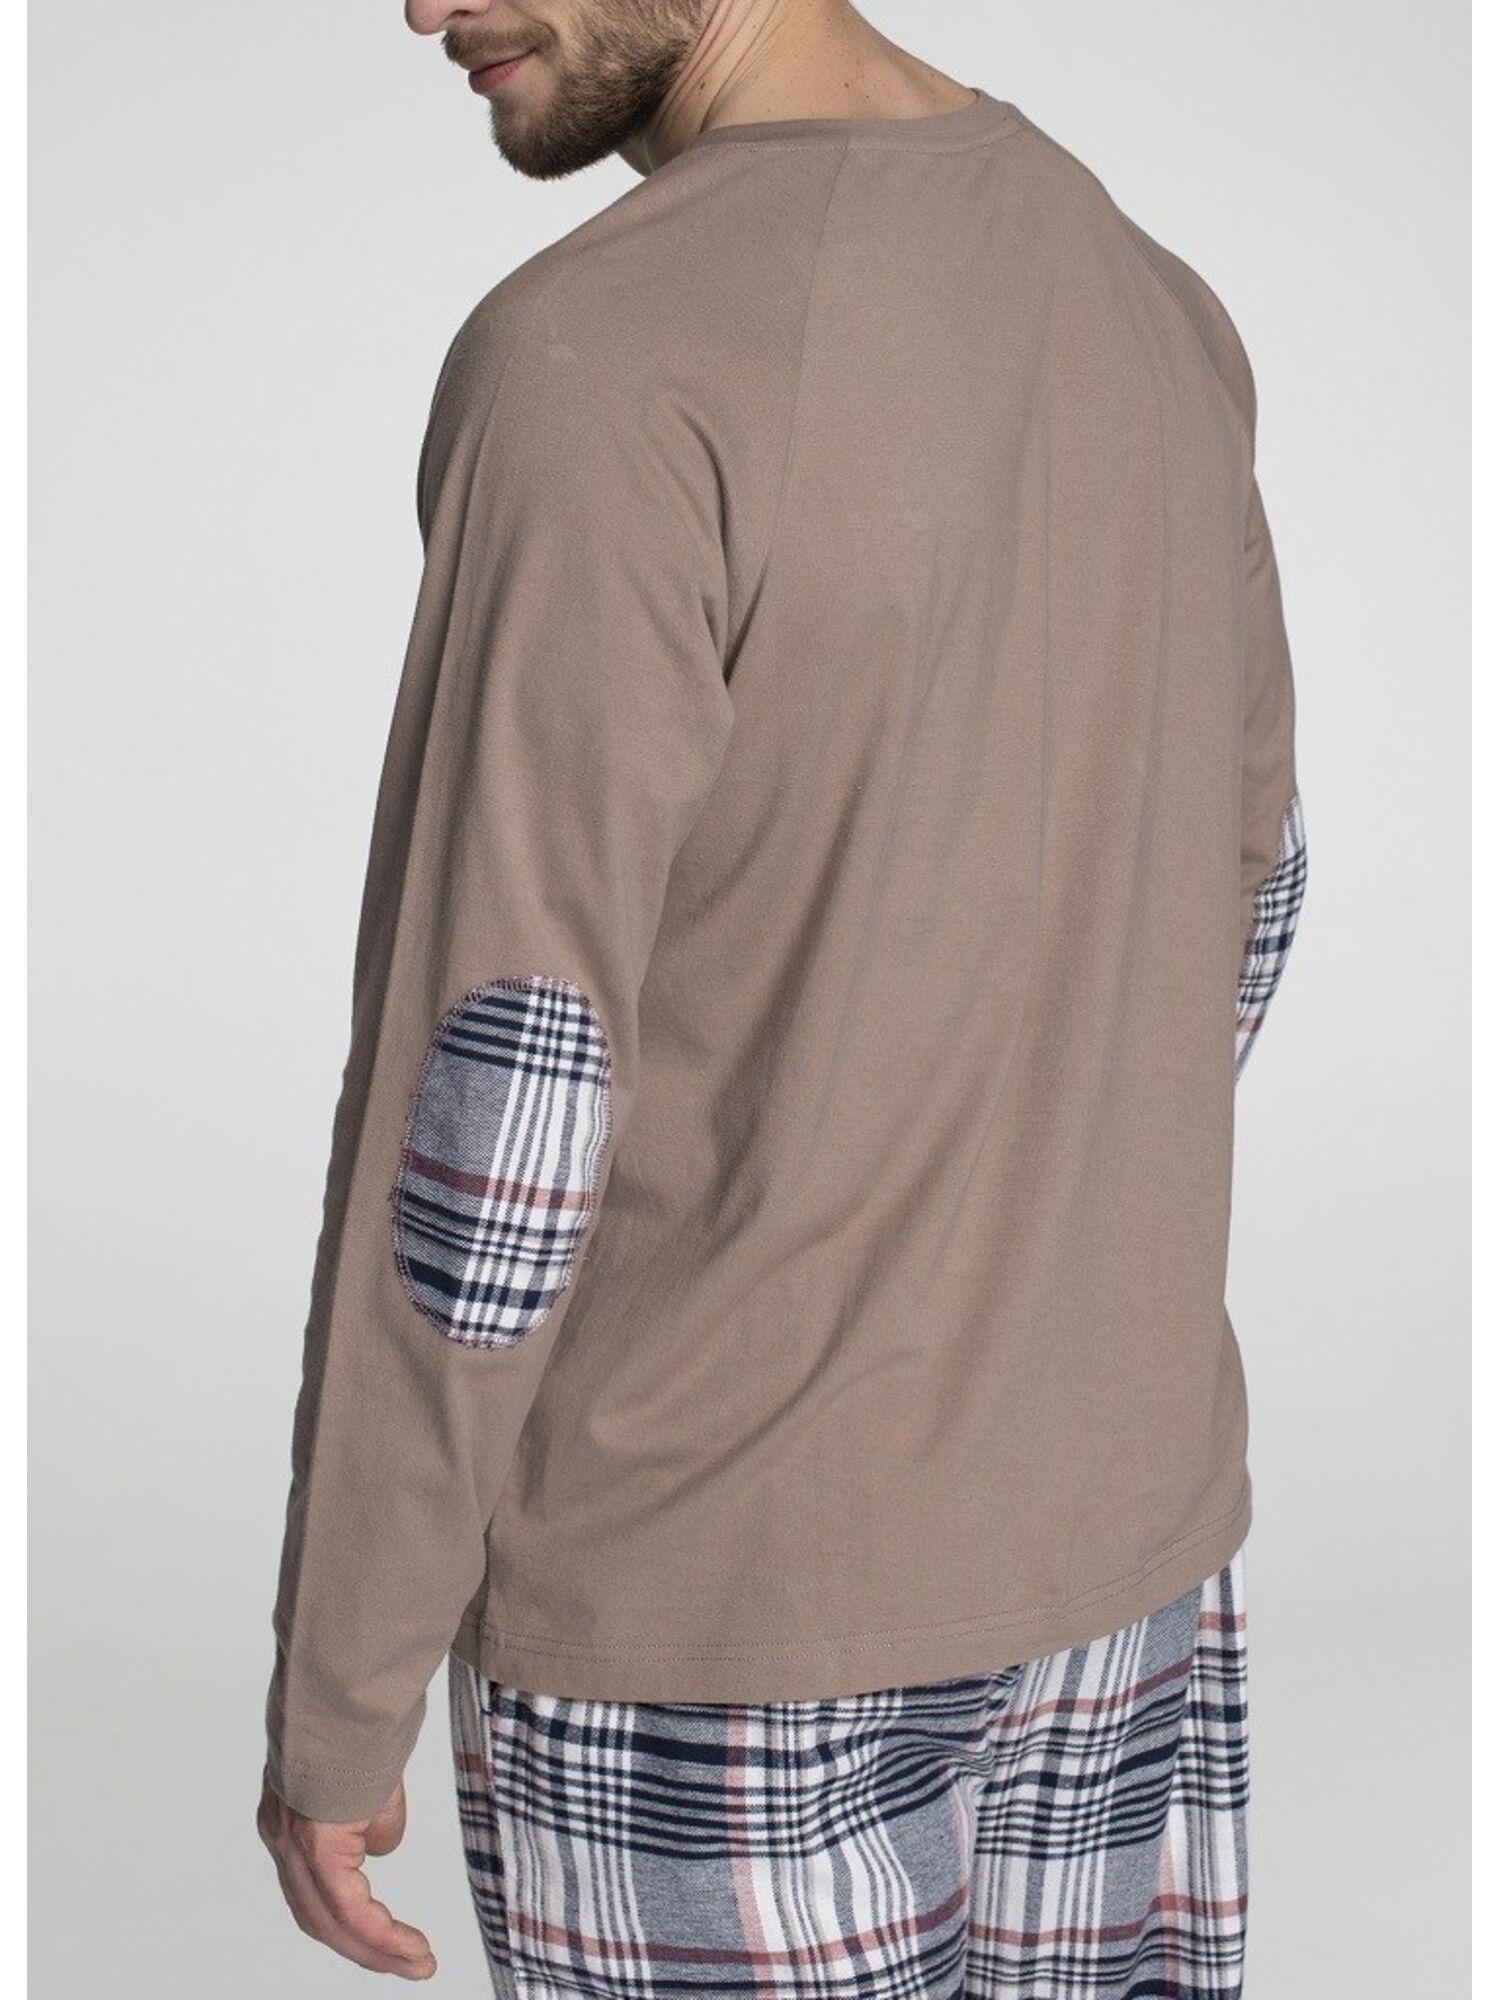 Хлопковый мужской домашний костюм с брюками MNS 041 19/20 коричневый/серый, KEY